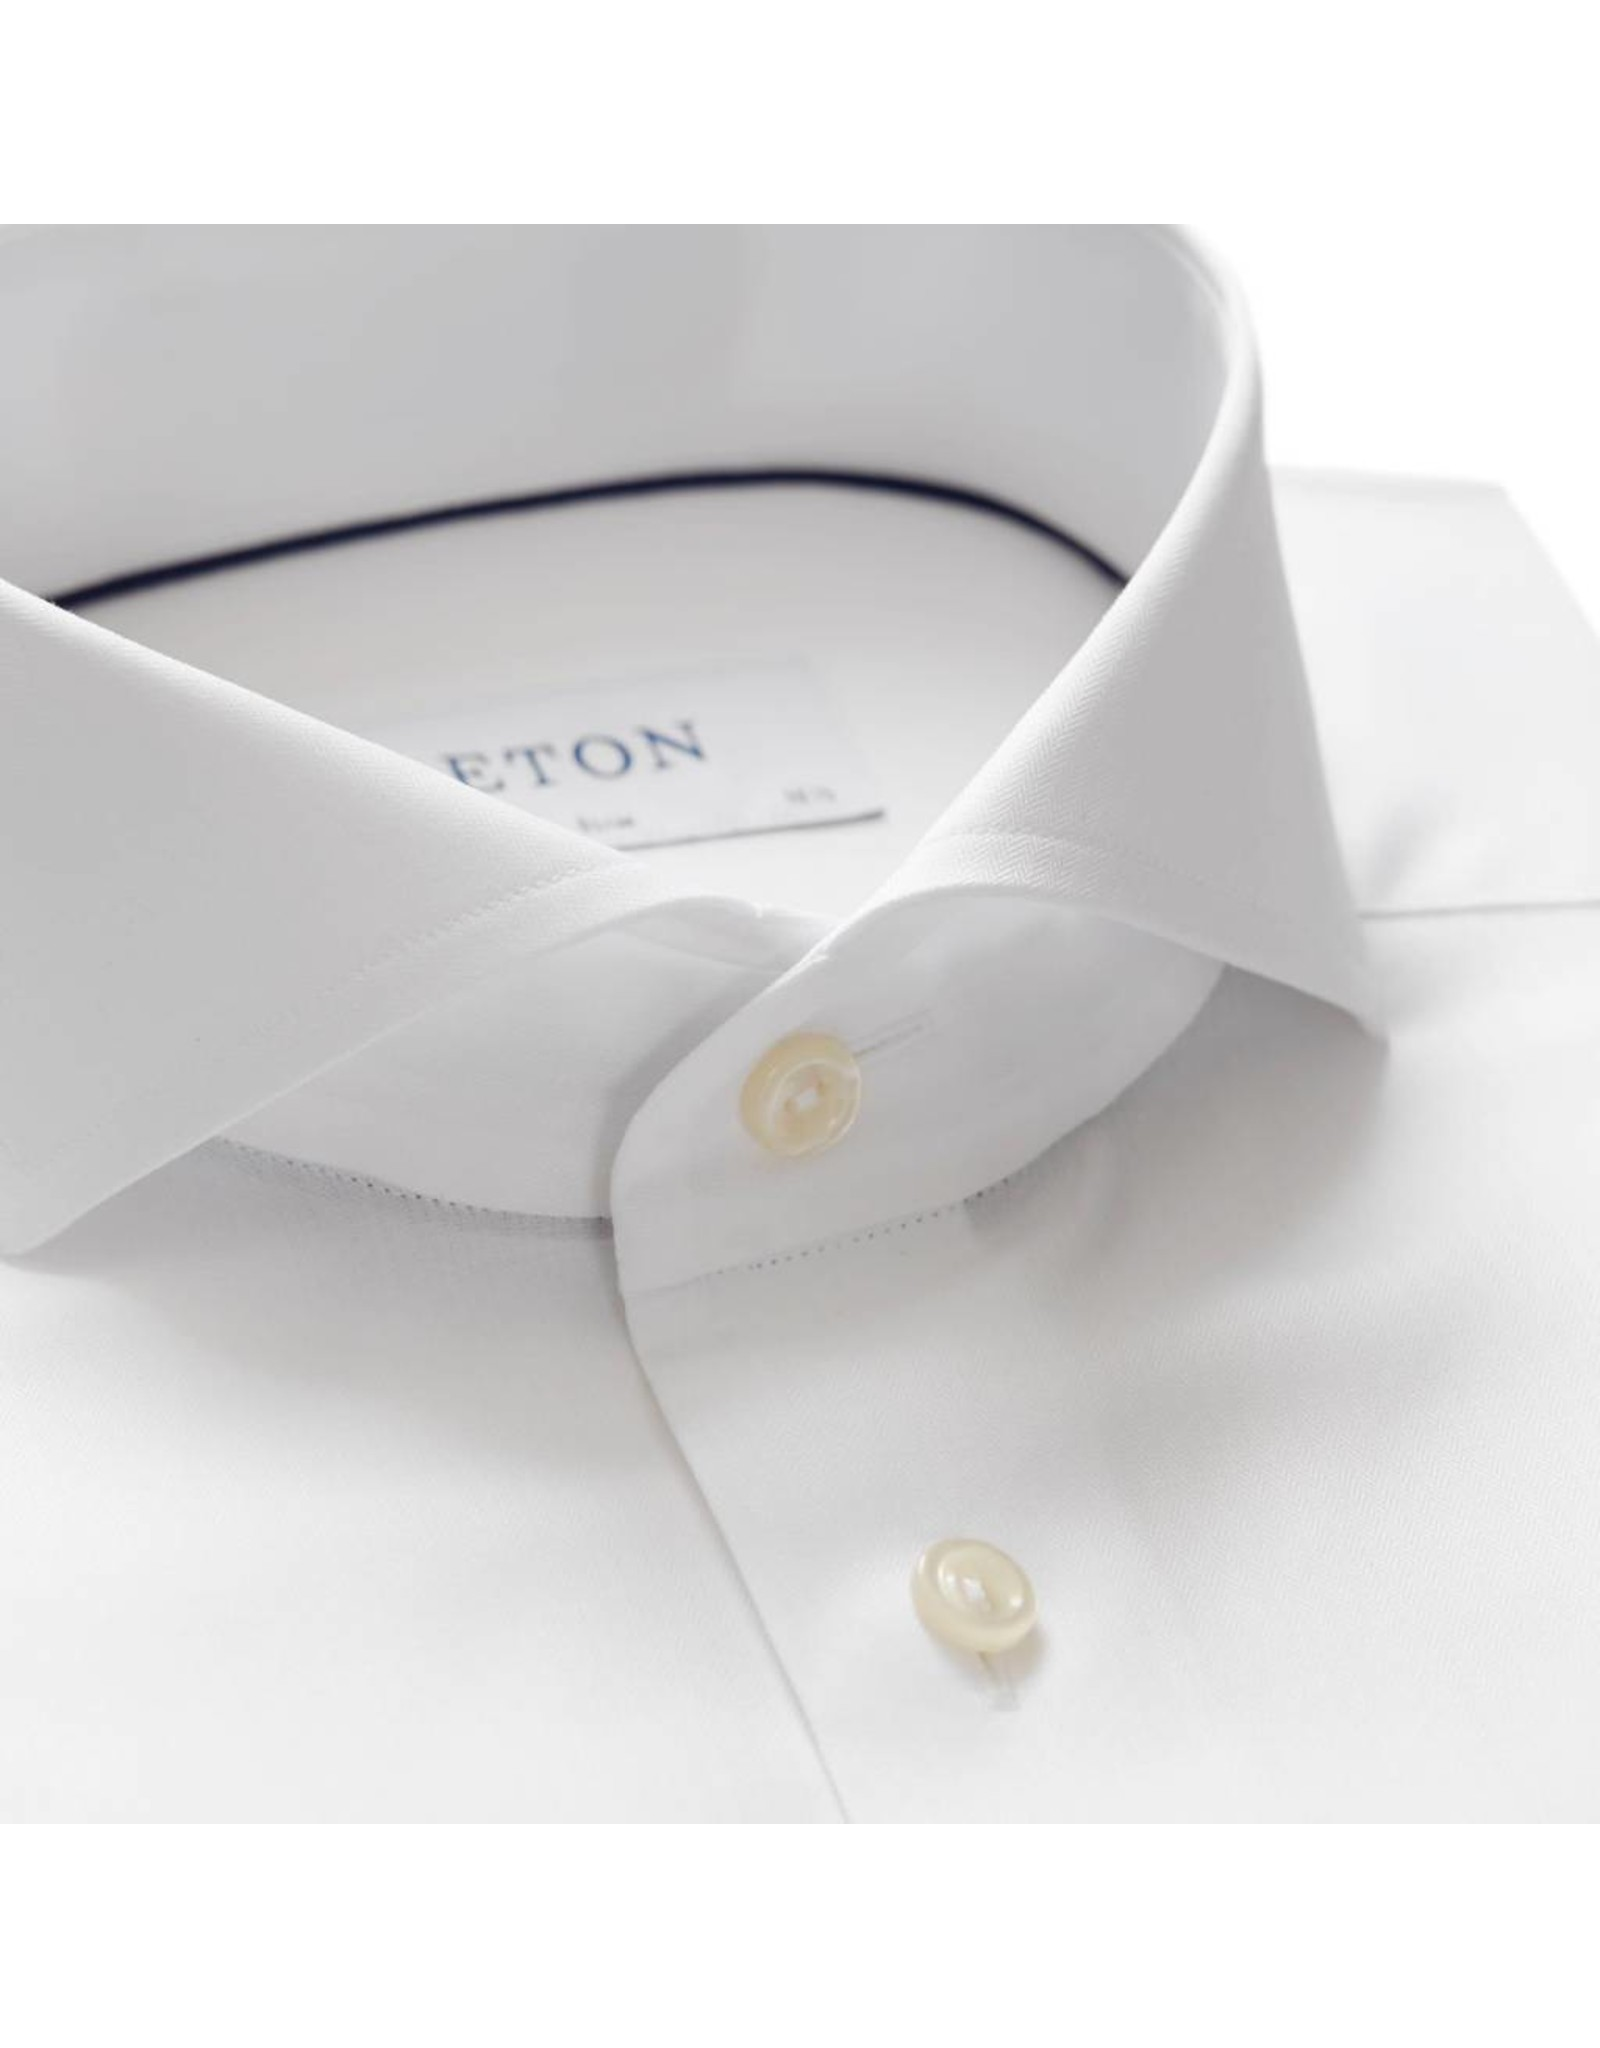 Eton Lycocell Shirt White